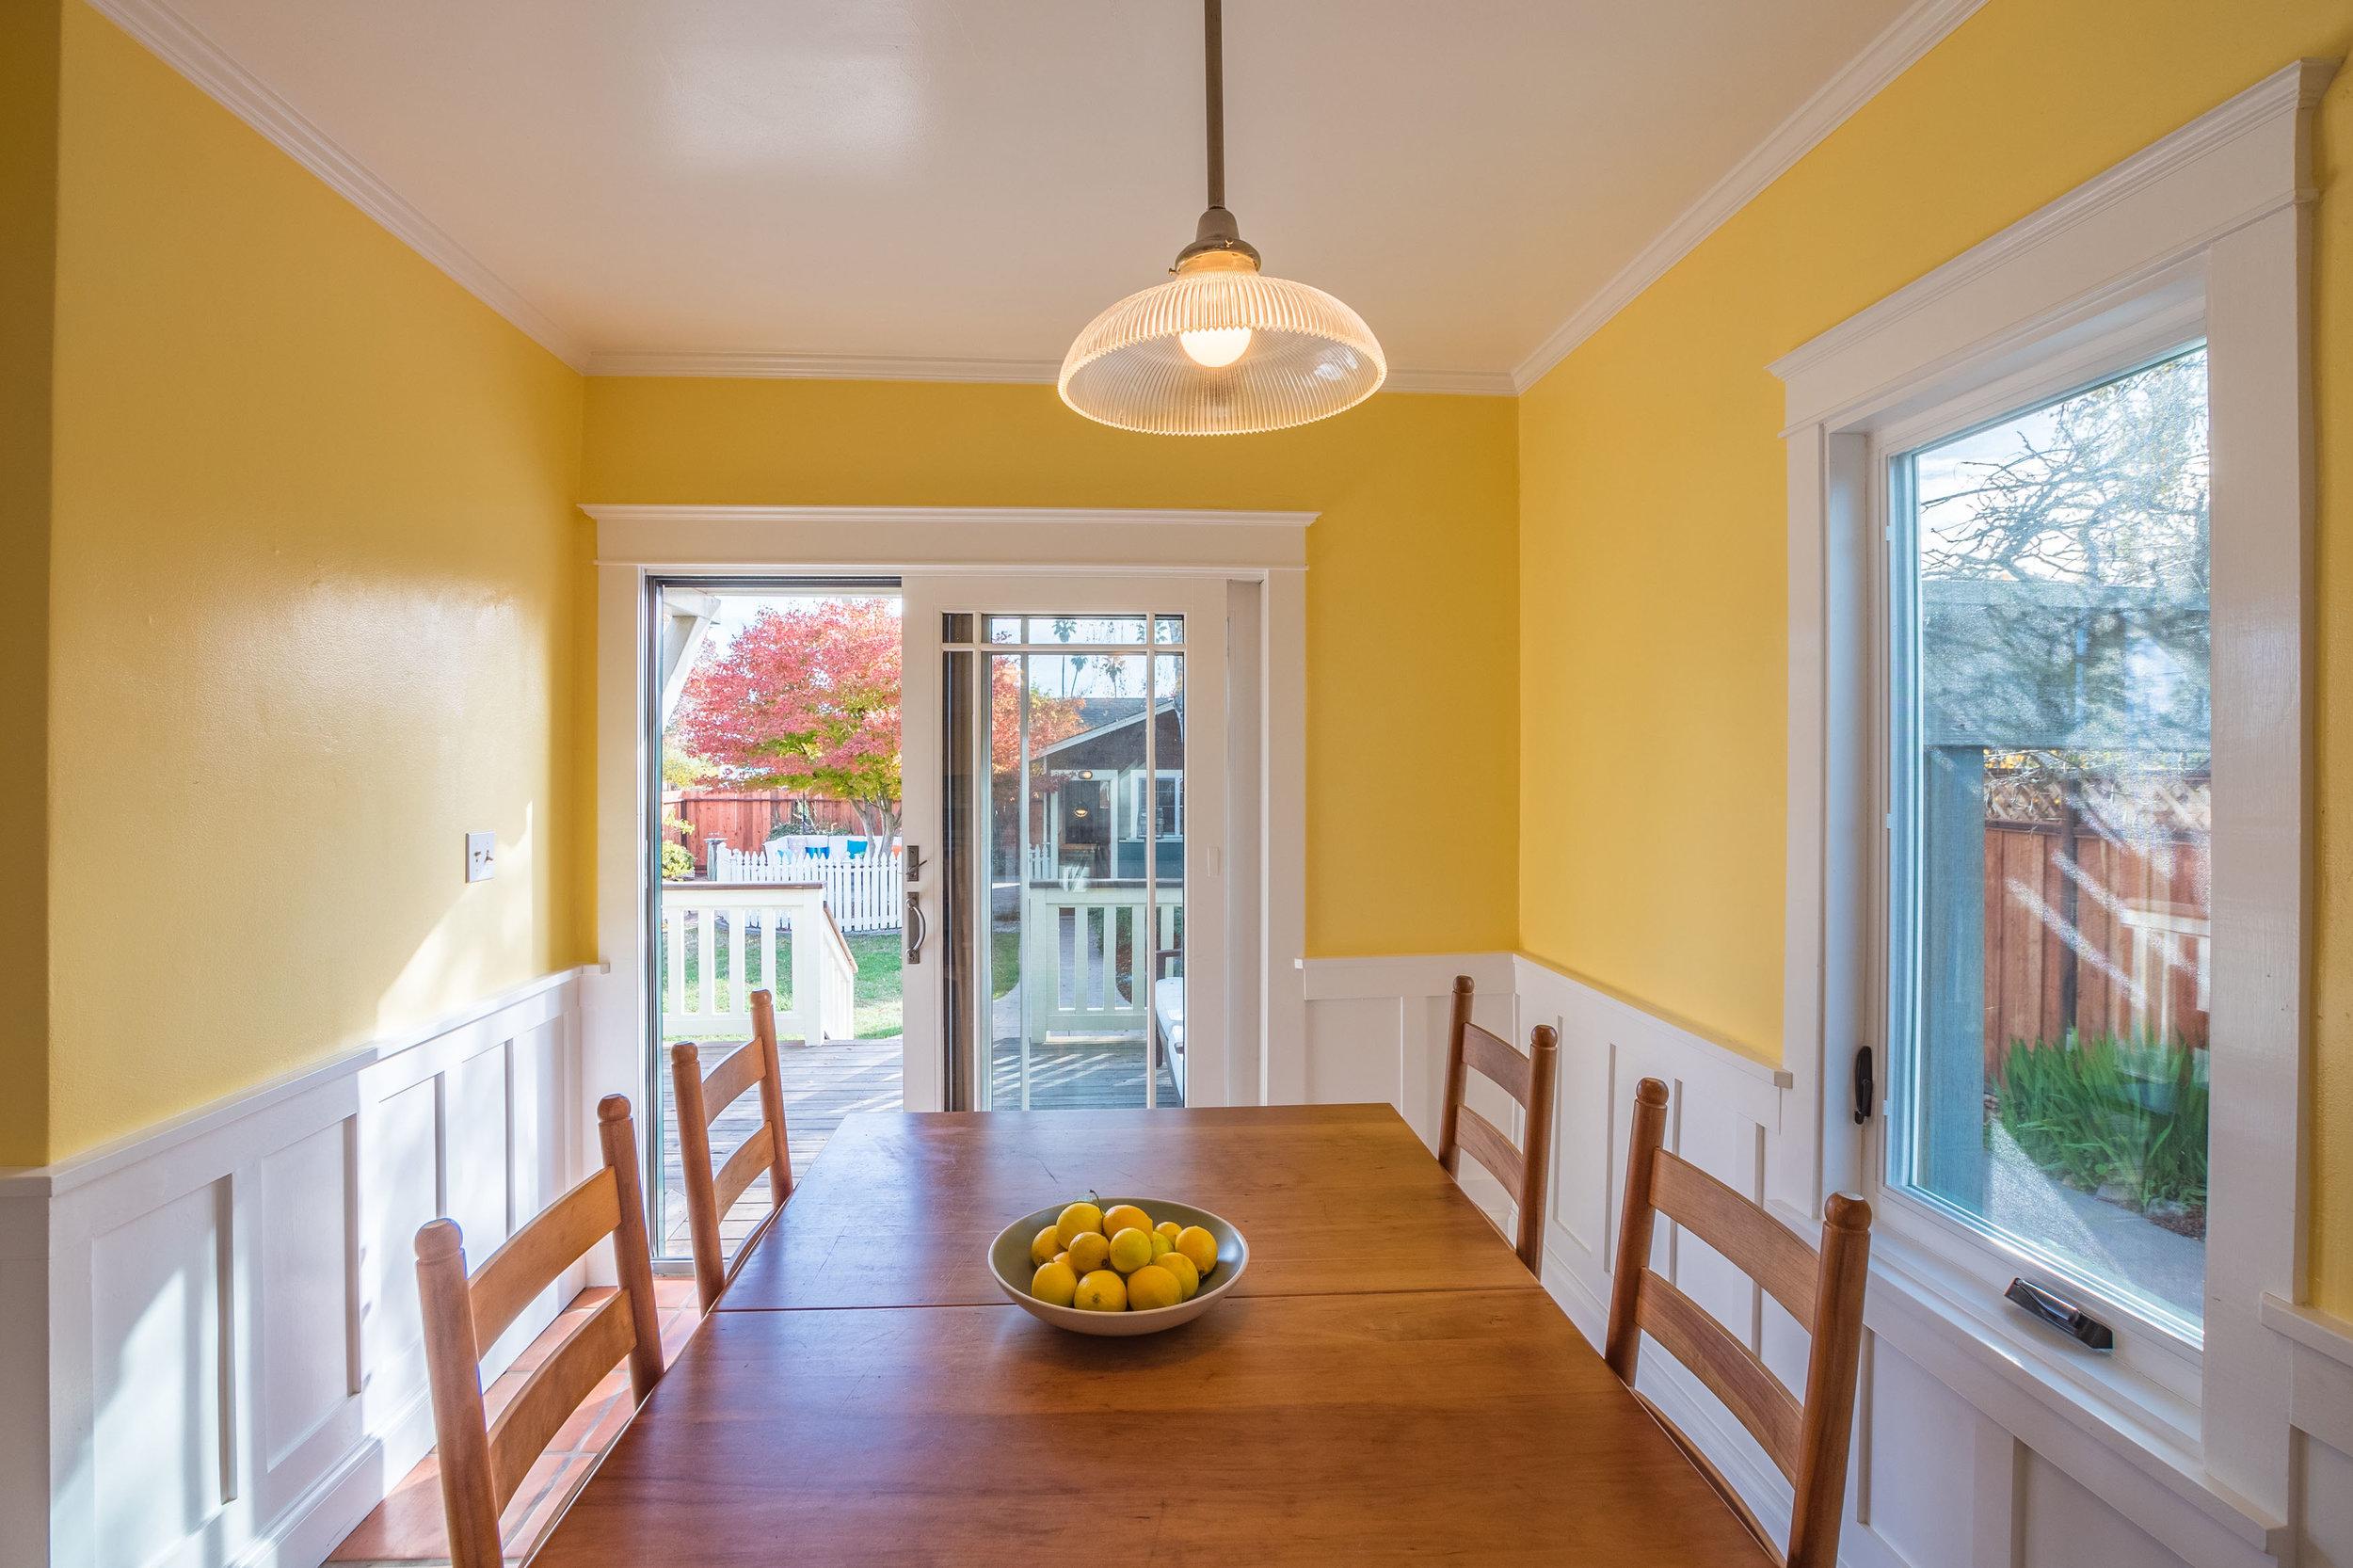 Homes for Sale in Santa Cruz Westside 3 Bedroom 2 Bathroom Craft